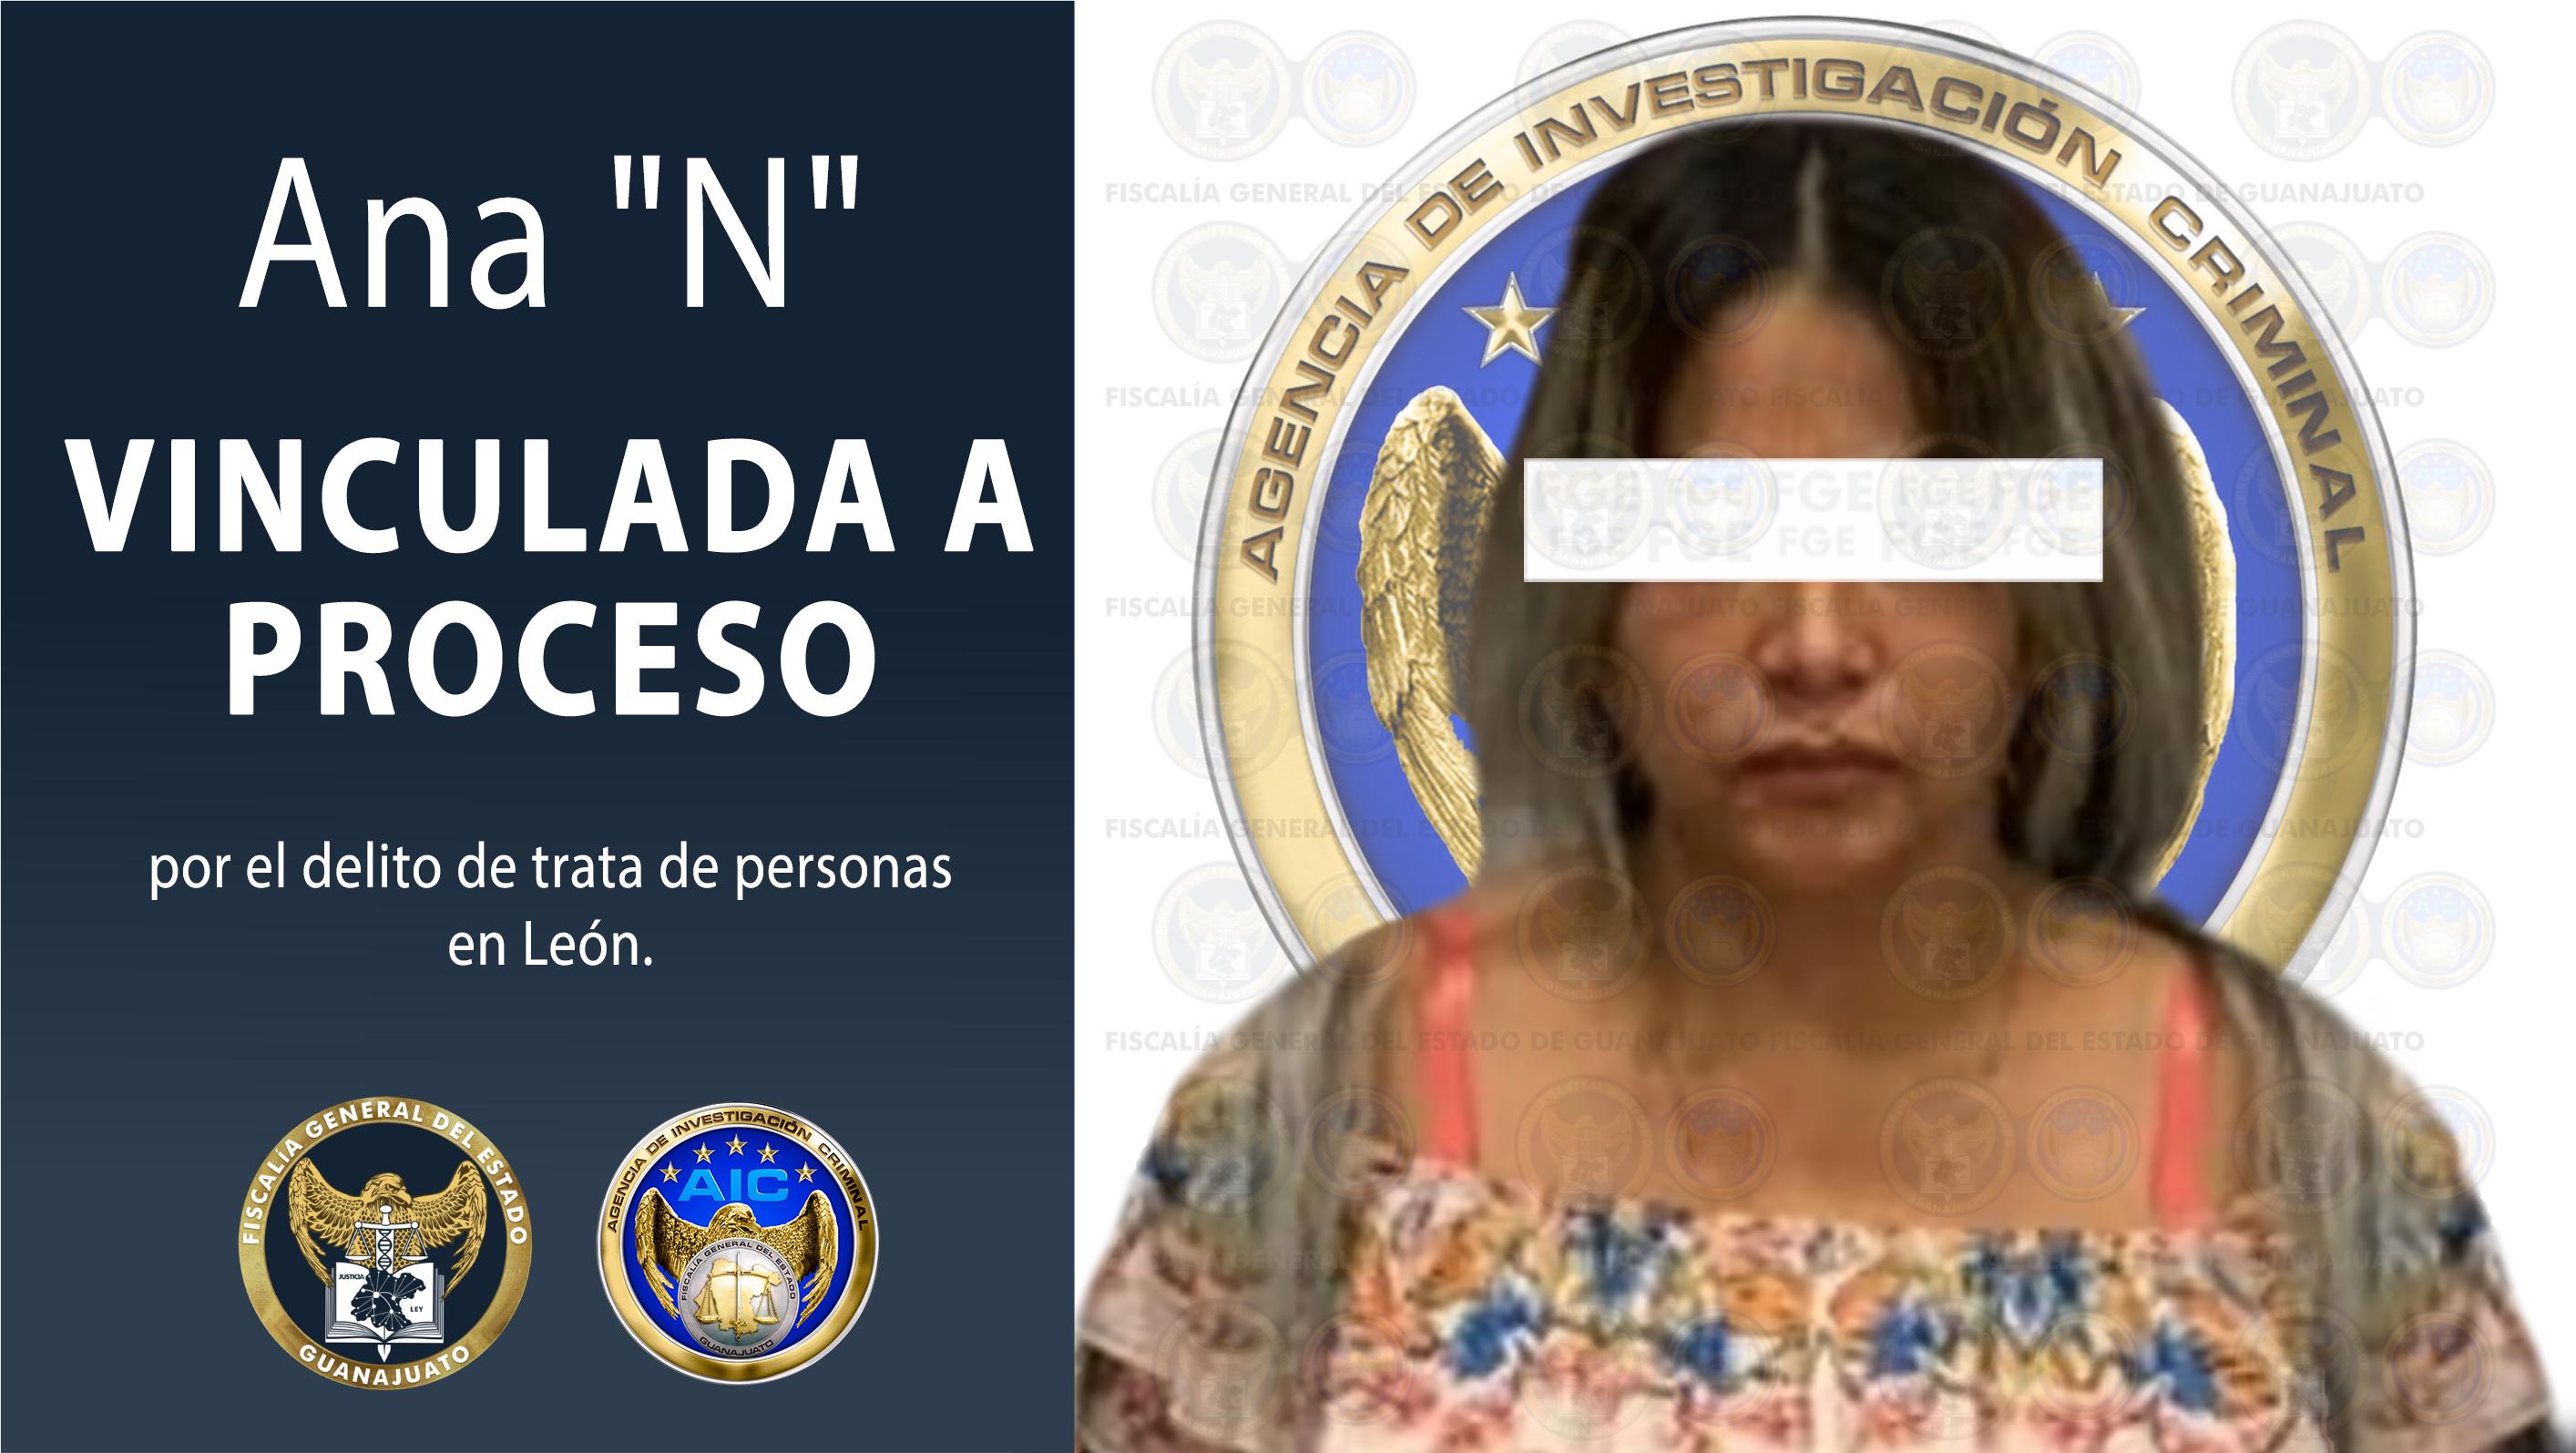 """Vinculan a proceso a Ana """"N"""", imputada por el delito de trata de personas en León 2"""